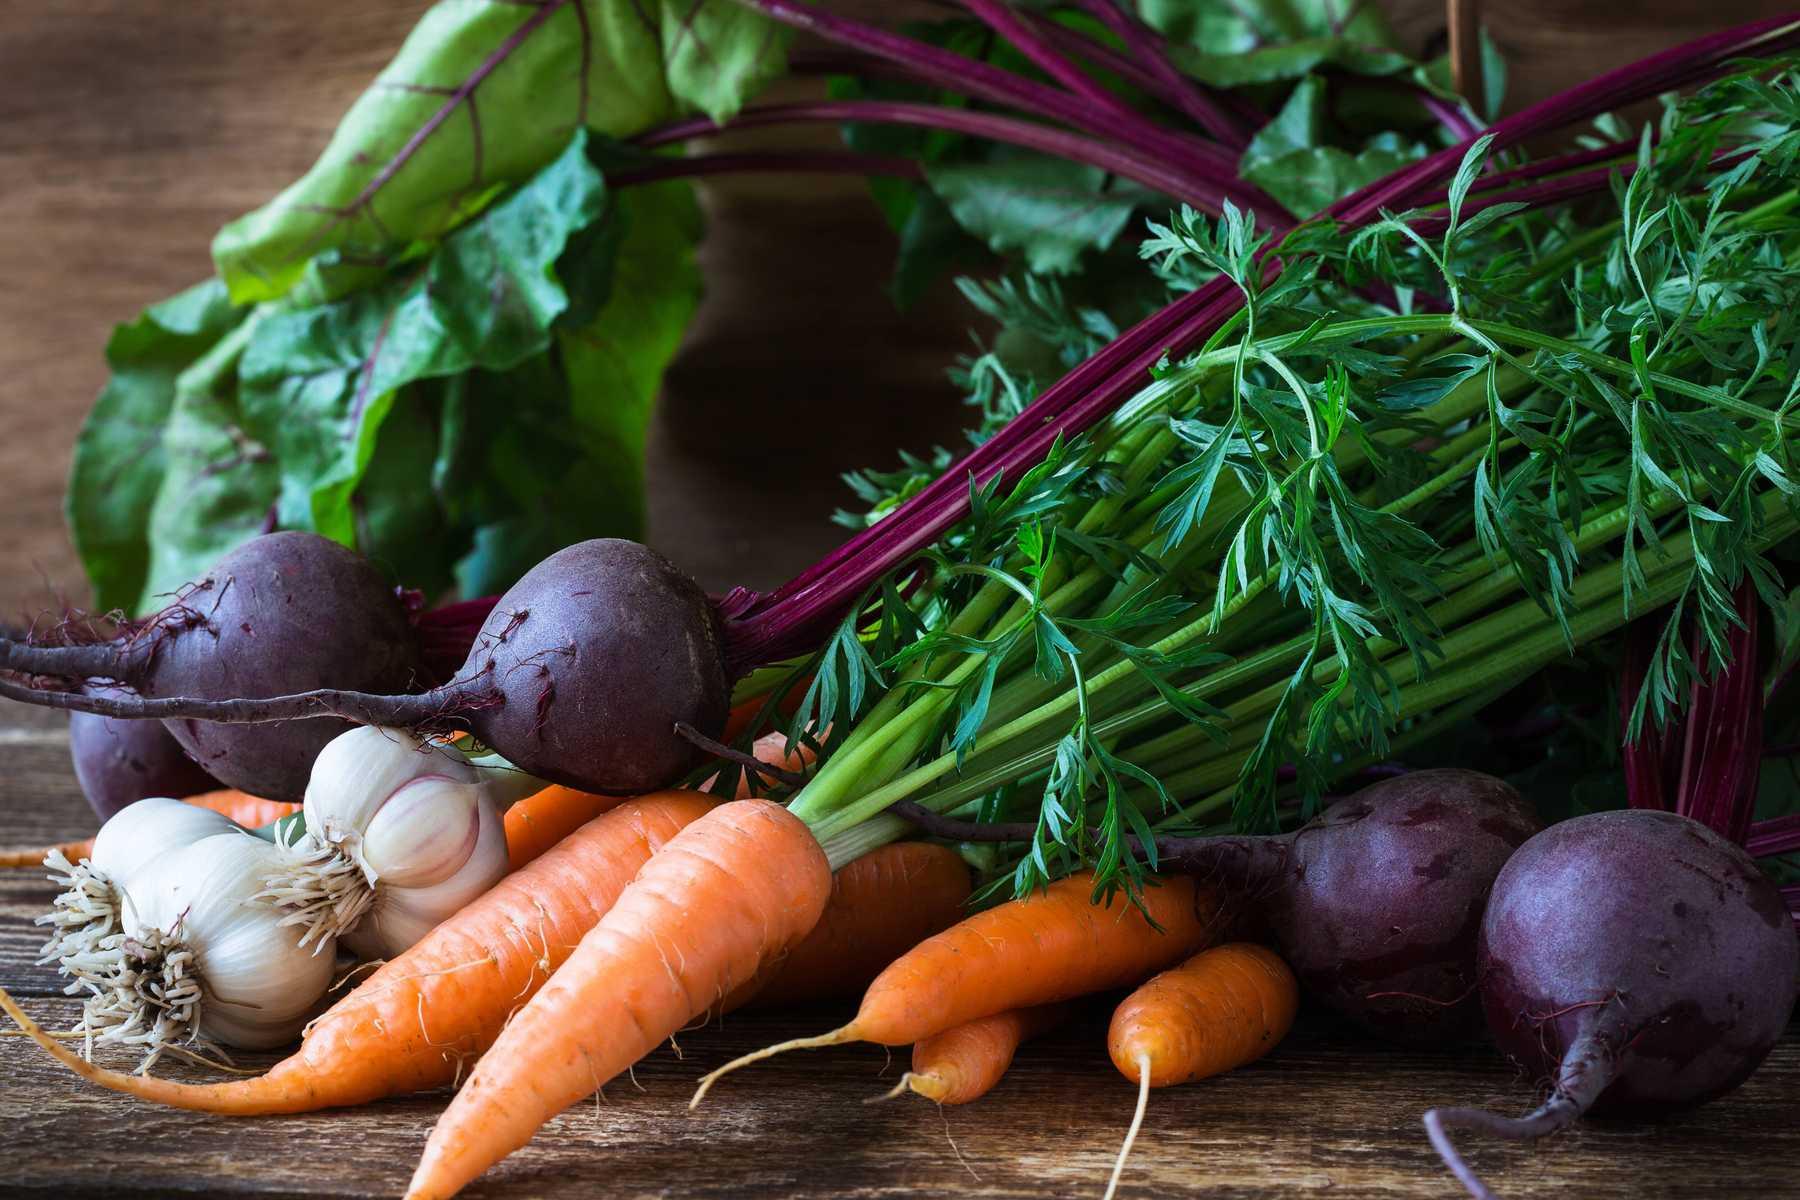 Chăm sóc vườn rau mỗi ngày để thu được thành quả tốt nhất